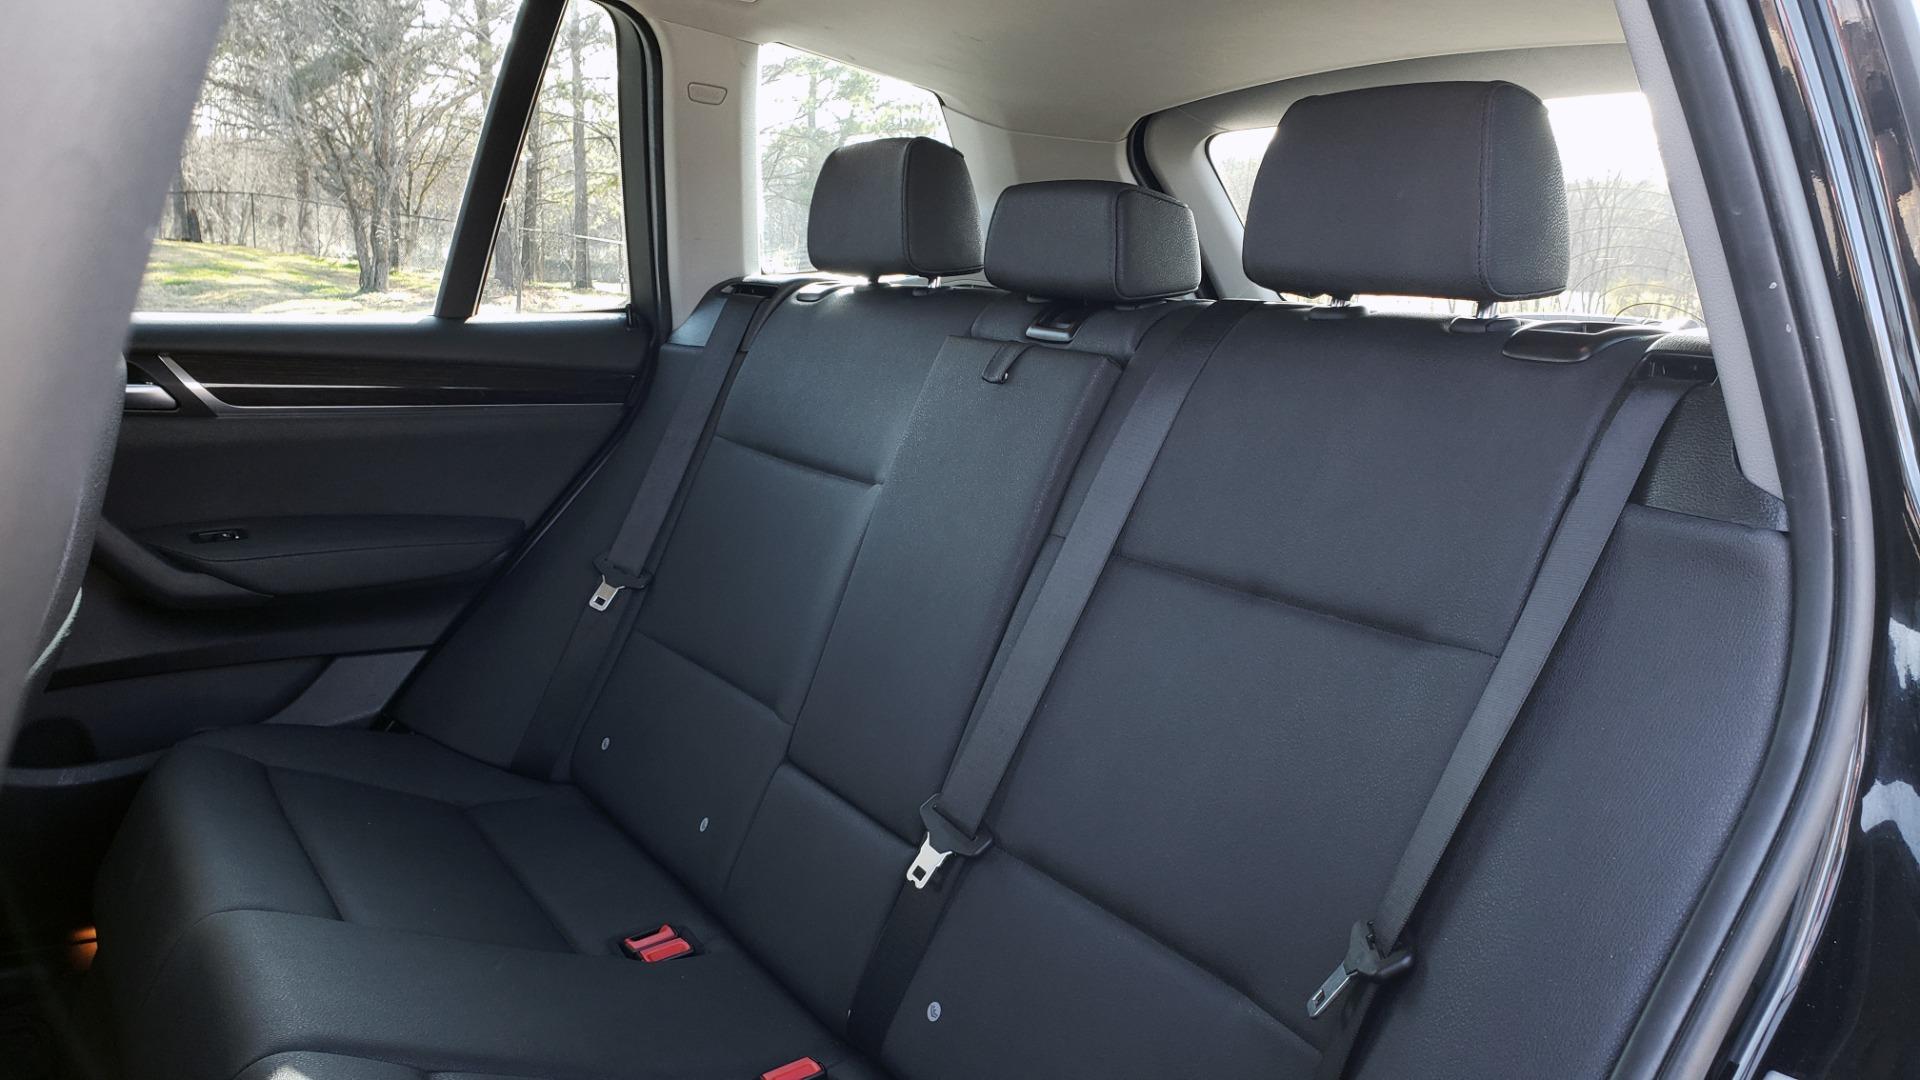 Used 2017 BMW X3 XDRIVE28I / PREM PKG / NAV / DRVR ASST / HTD STS / CAMERAS for sale Sold at Formula Imports in Charlotte NC 28227 74